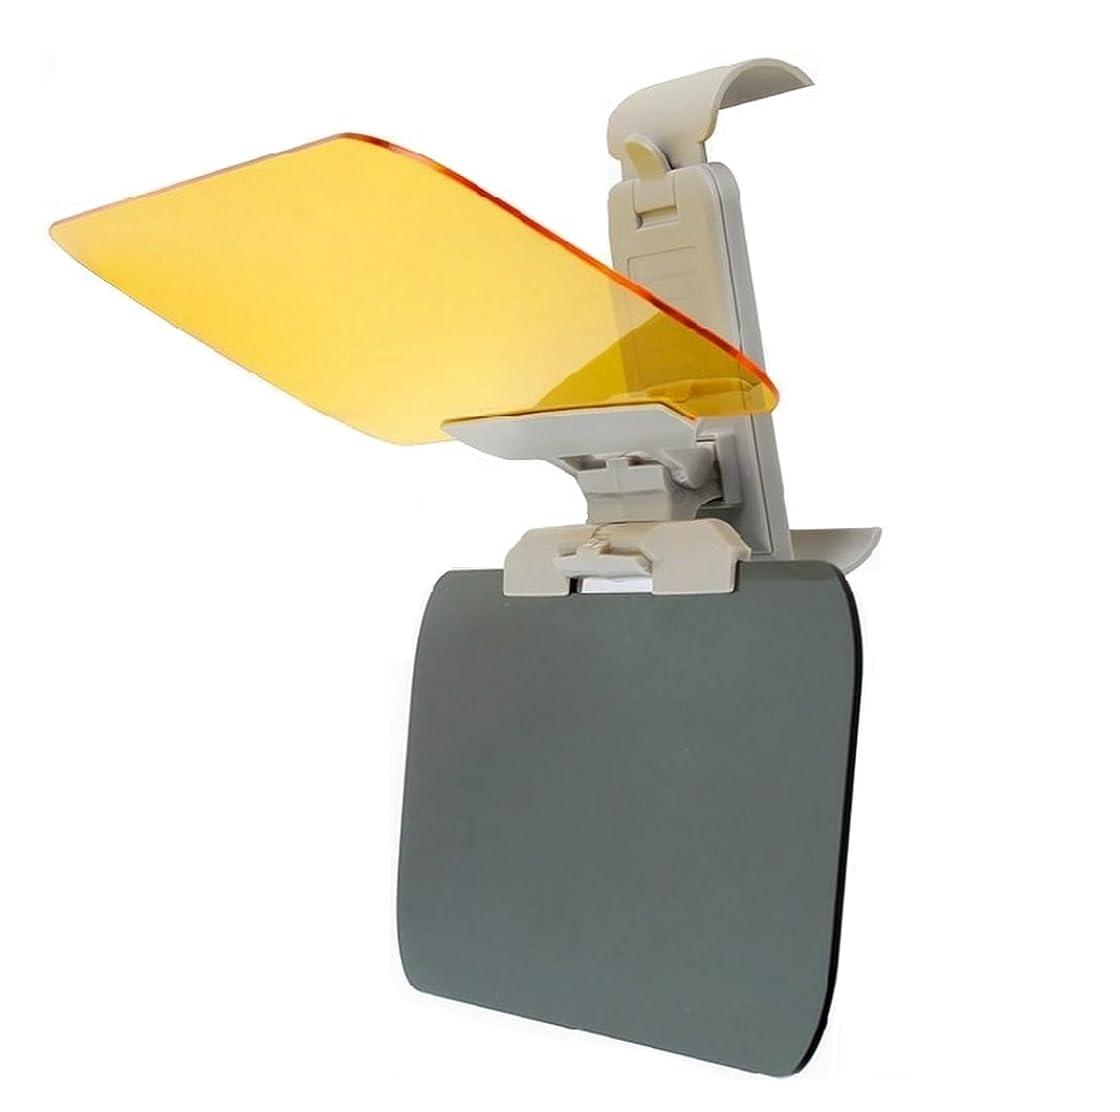 バンジージャンプ量流行している【LudusFelix】車用ダブルサンバイザー サンシェード 昼夜対応 防眩サンバイザー 日差し ライト光対策